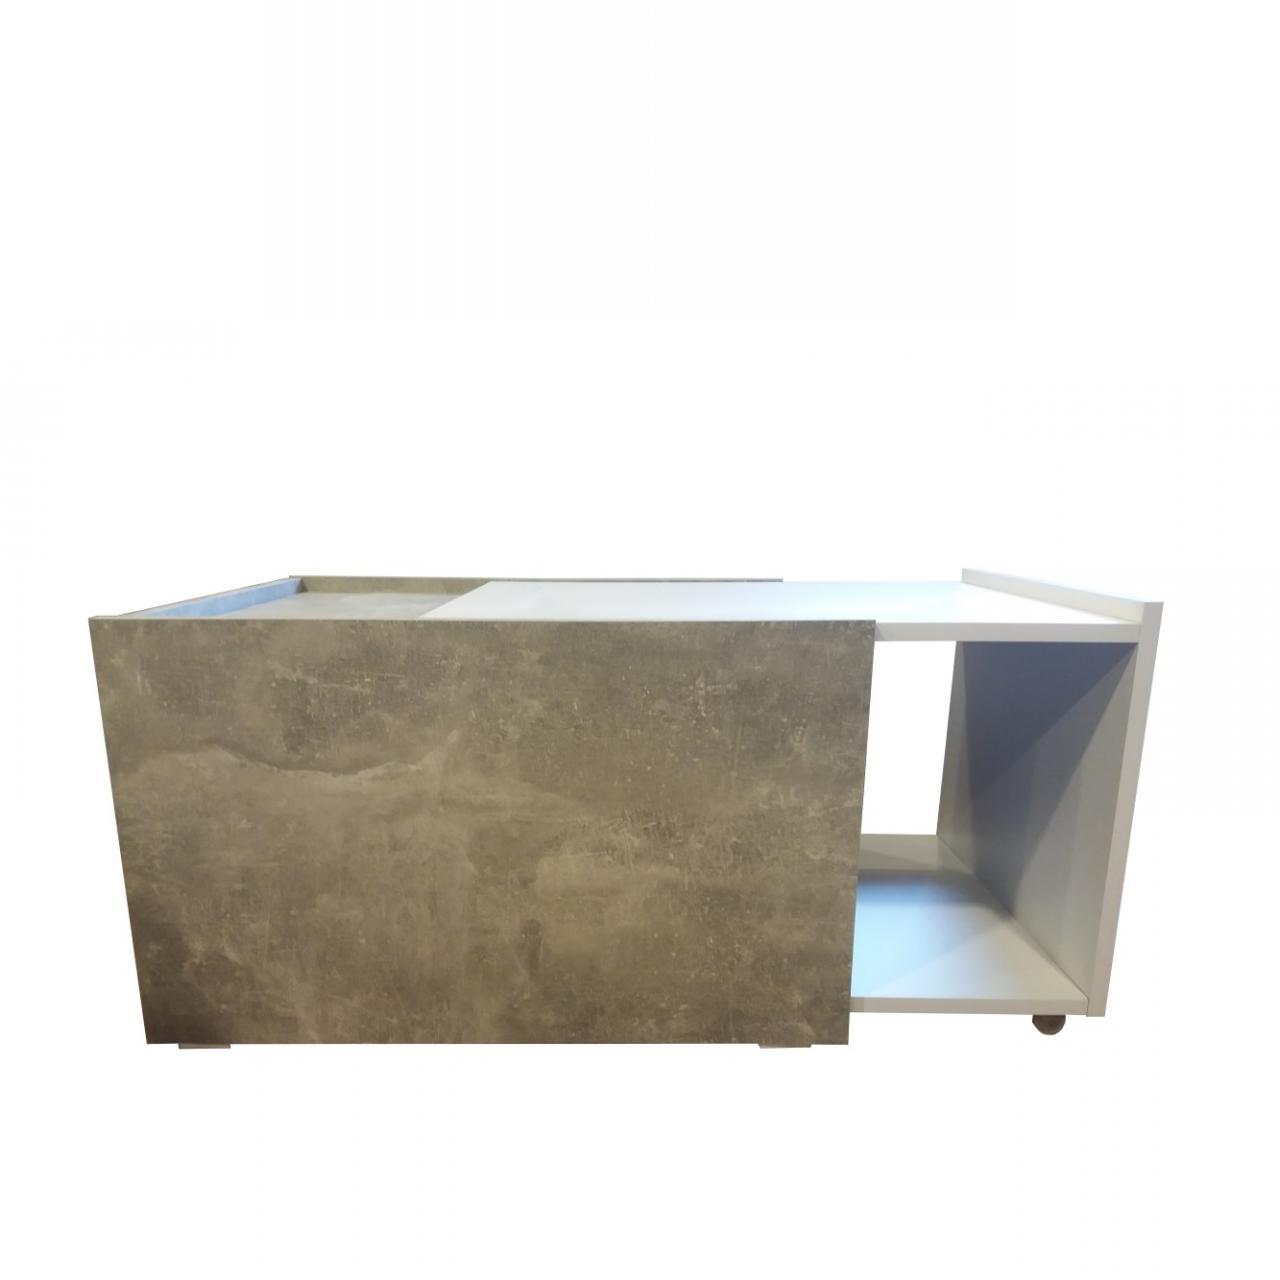 Couchtisch Universal Ausziehbar Beton Weiß Stubentisch Beistelltisch Tisch